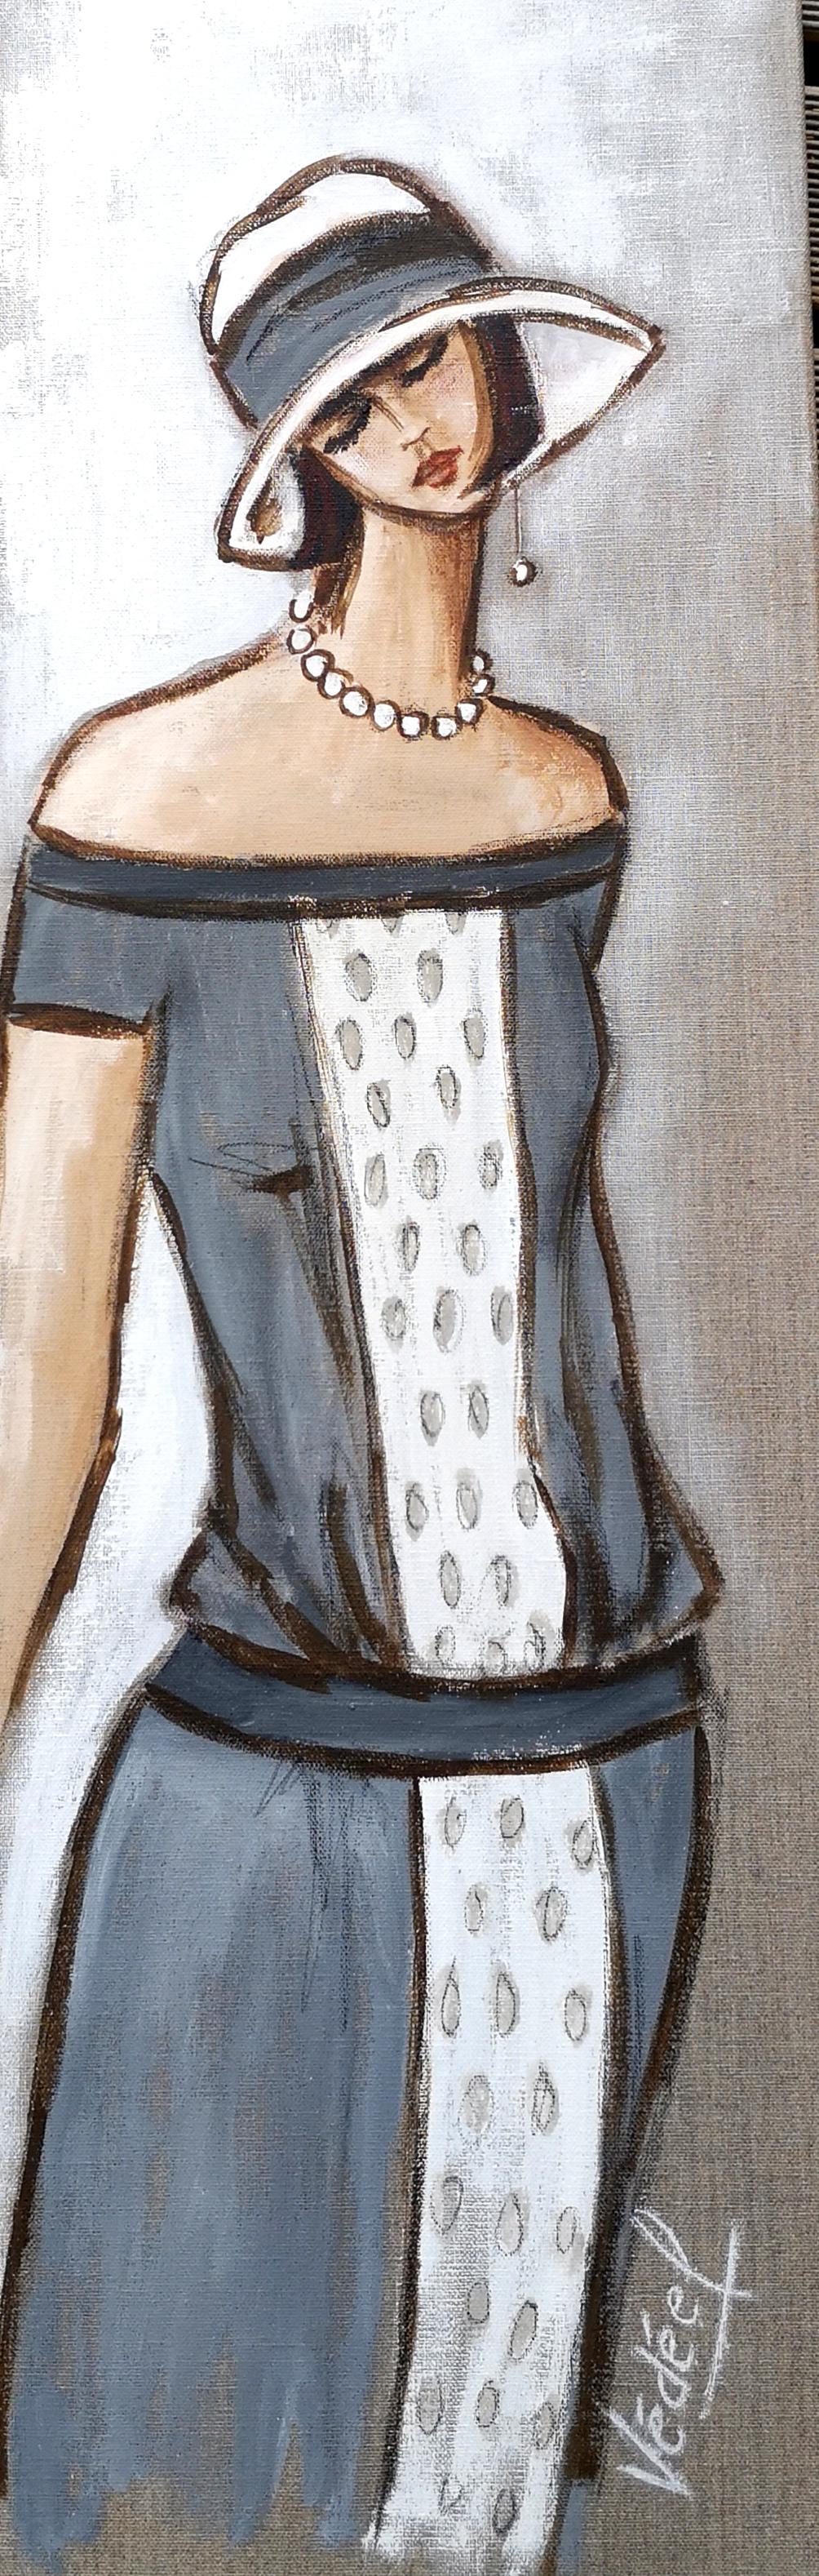 Les années 30 - 3 - acrylique sut toile